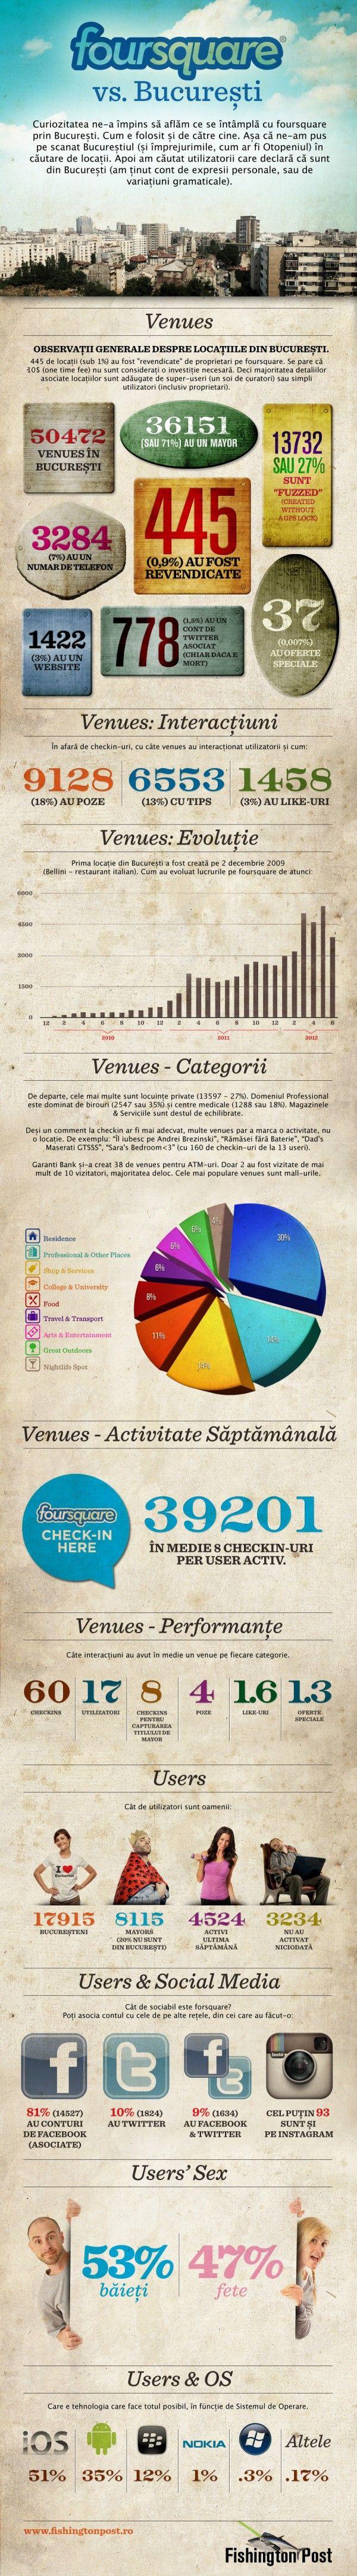 Foursquare vs. Bucuresti. Research: Infographics Typography, Dates, Media Infographic, Cu Foursquare